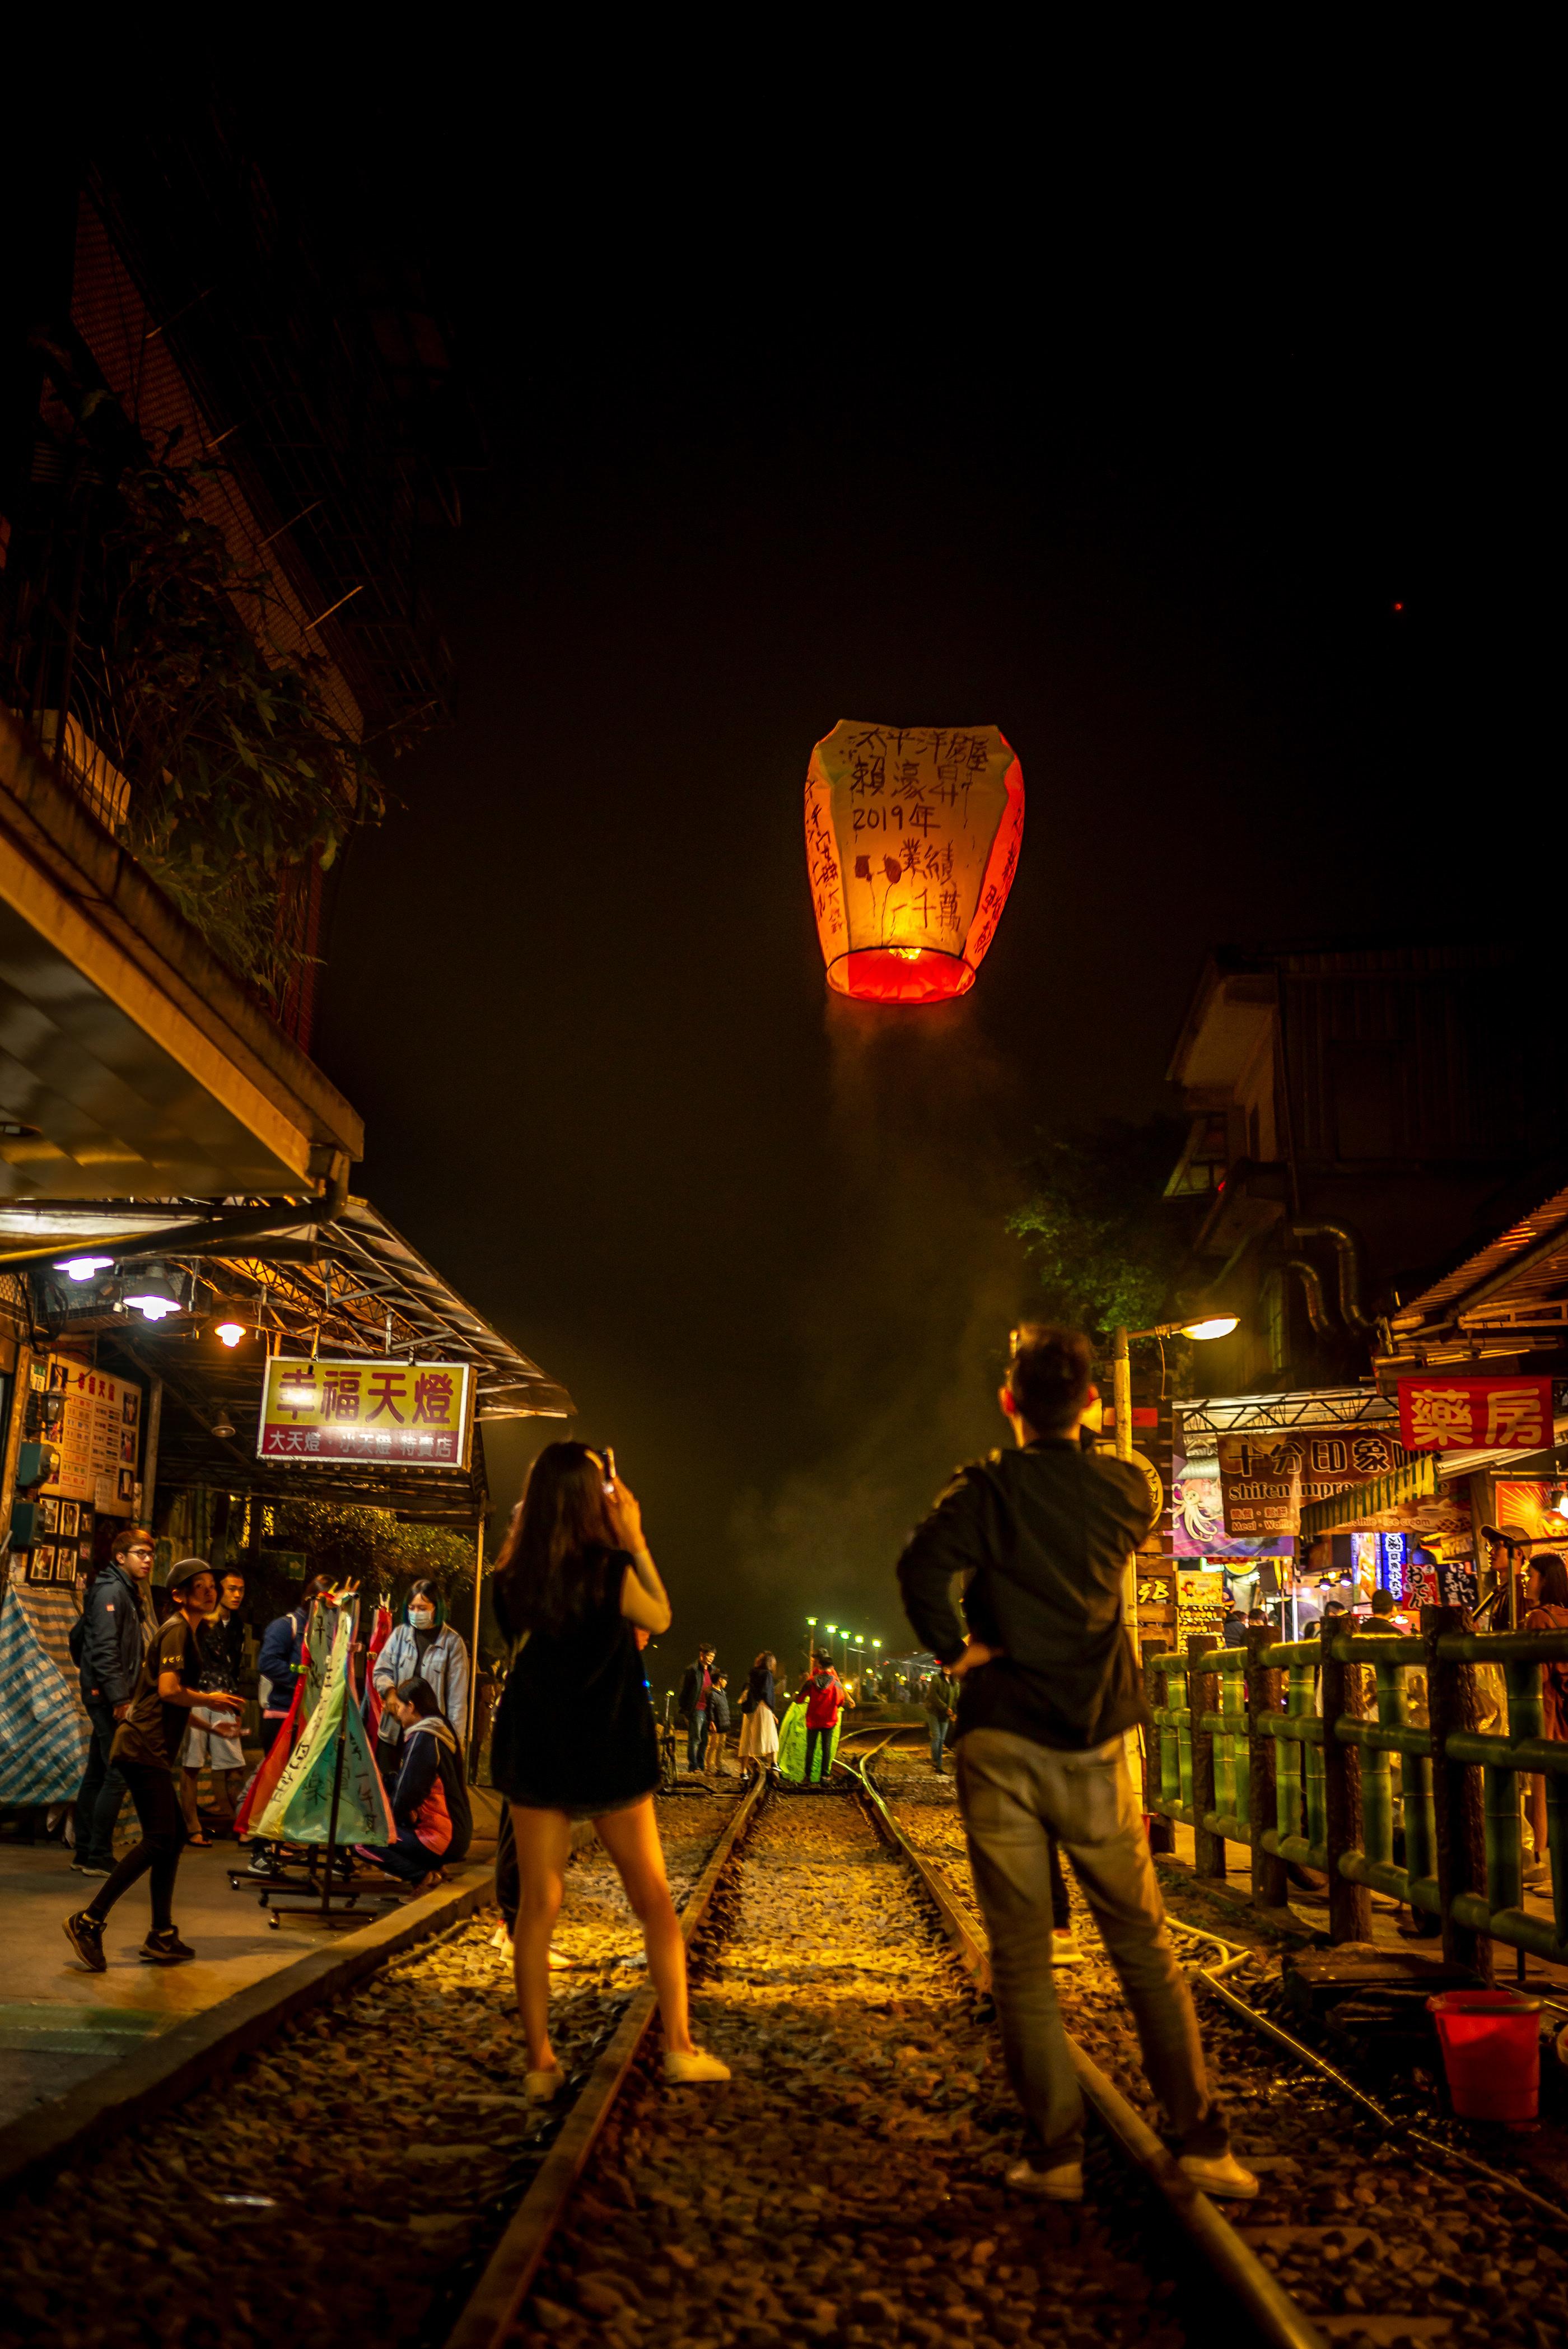 Pinxi releasing a lantern